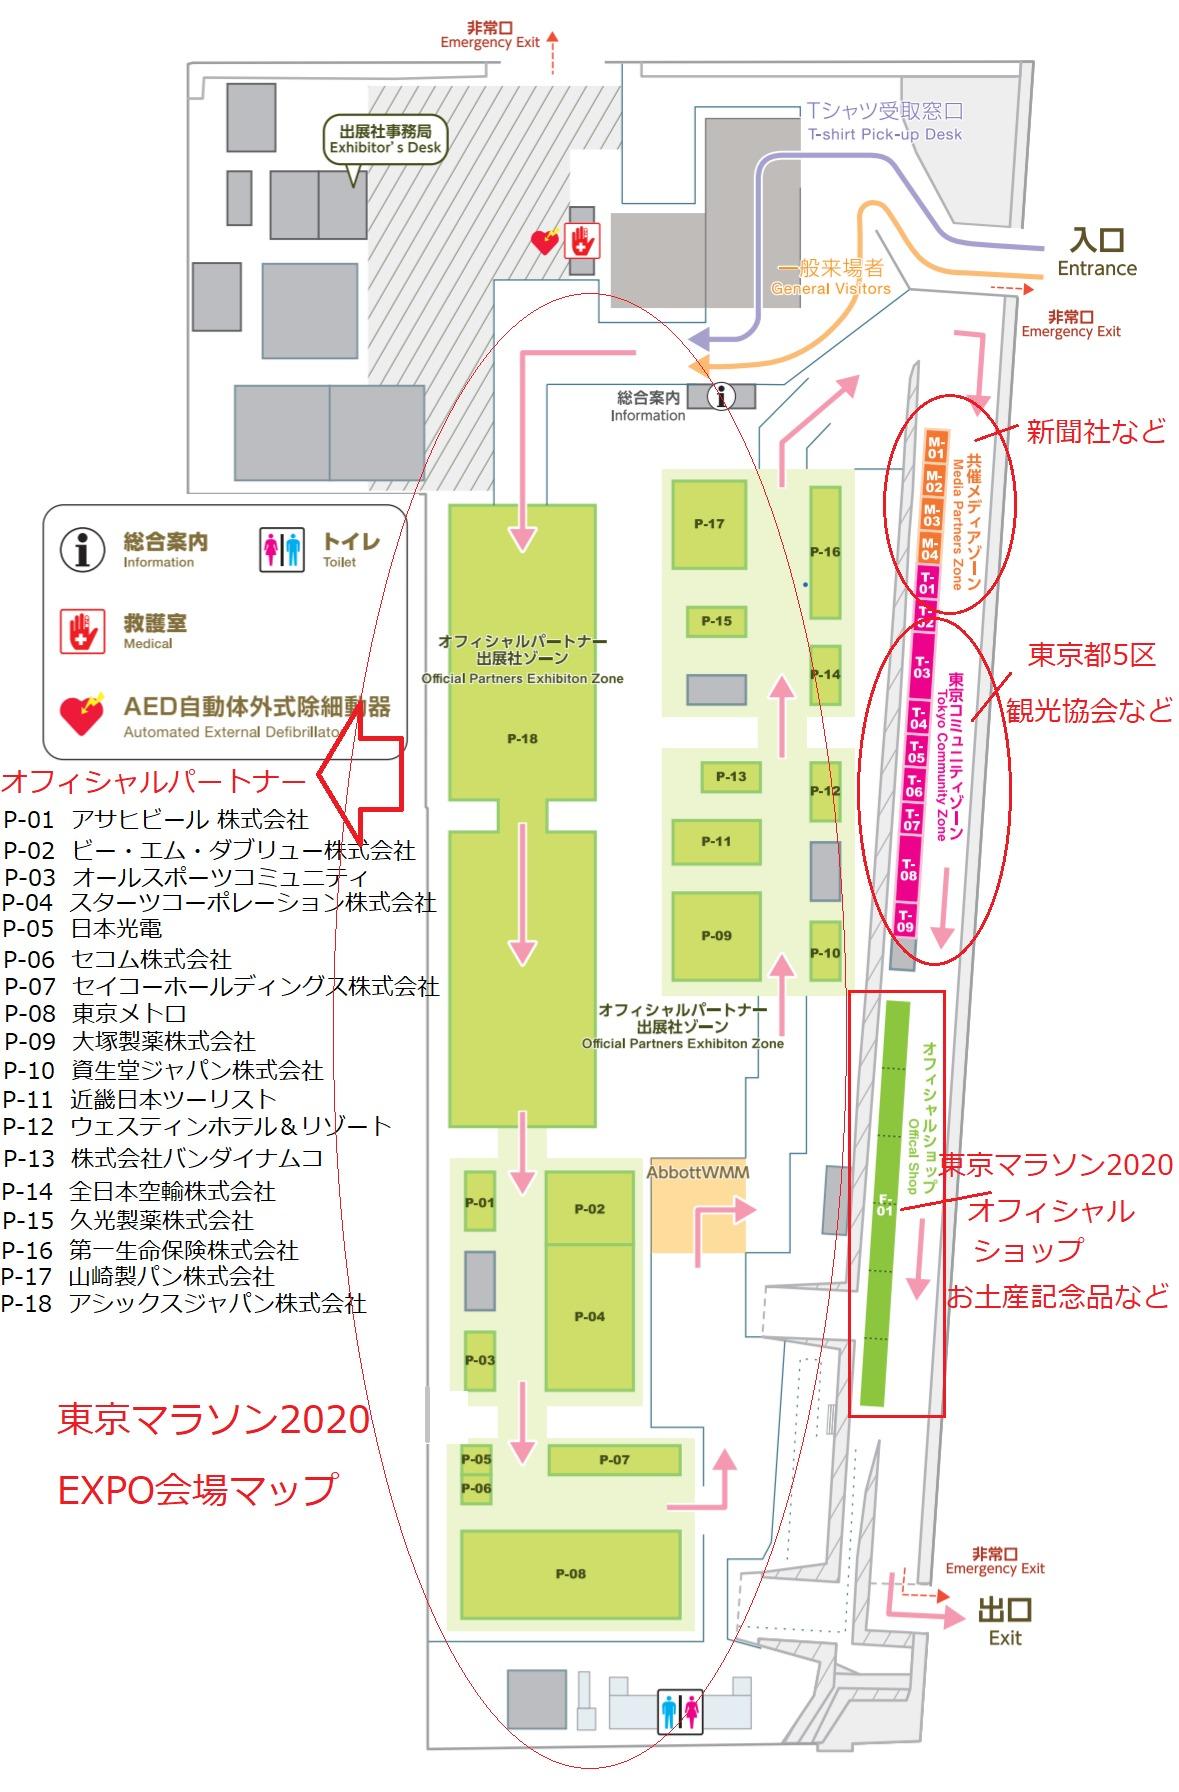 東京マラソン2020EXPO会場マップ